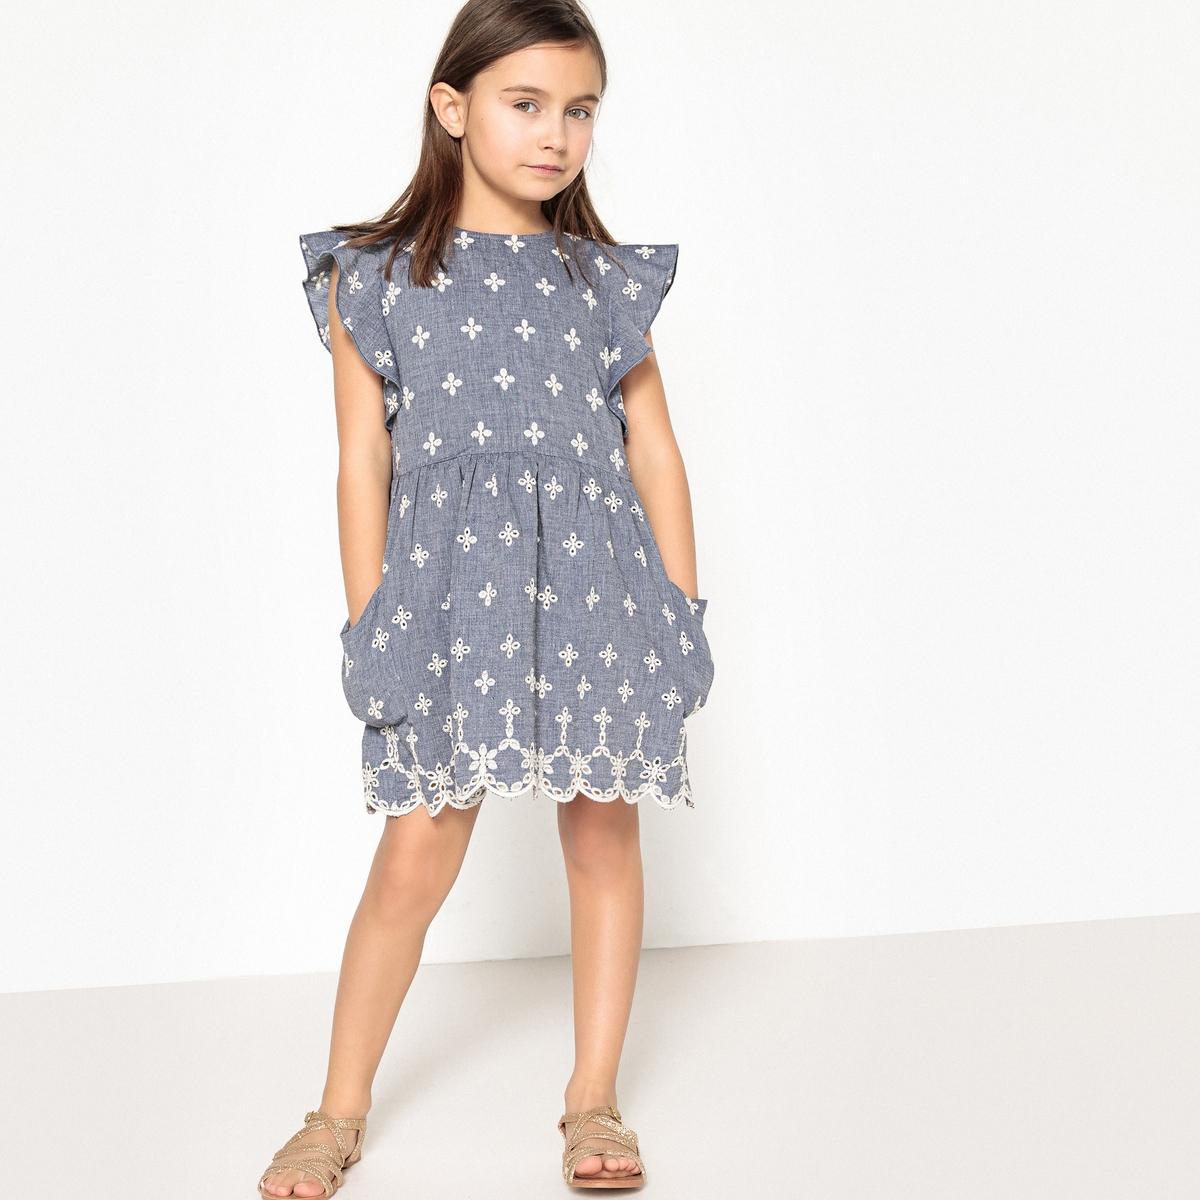 Платье с вышивкой, 3-12 лет футболка с вышивкой и воланами 3 12 лет